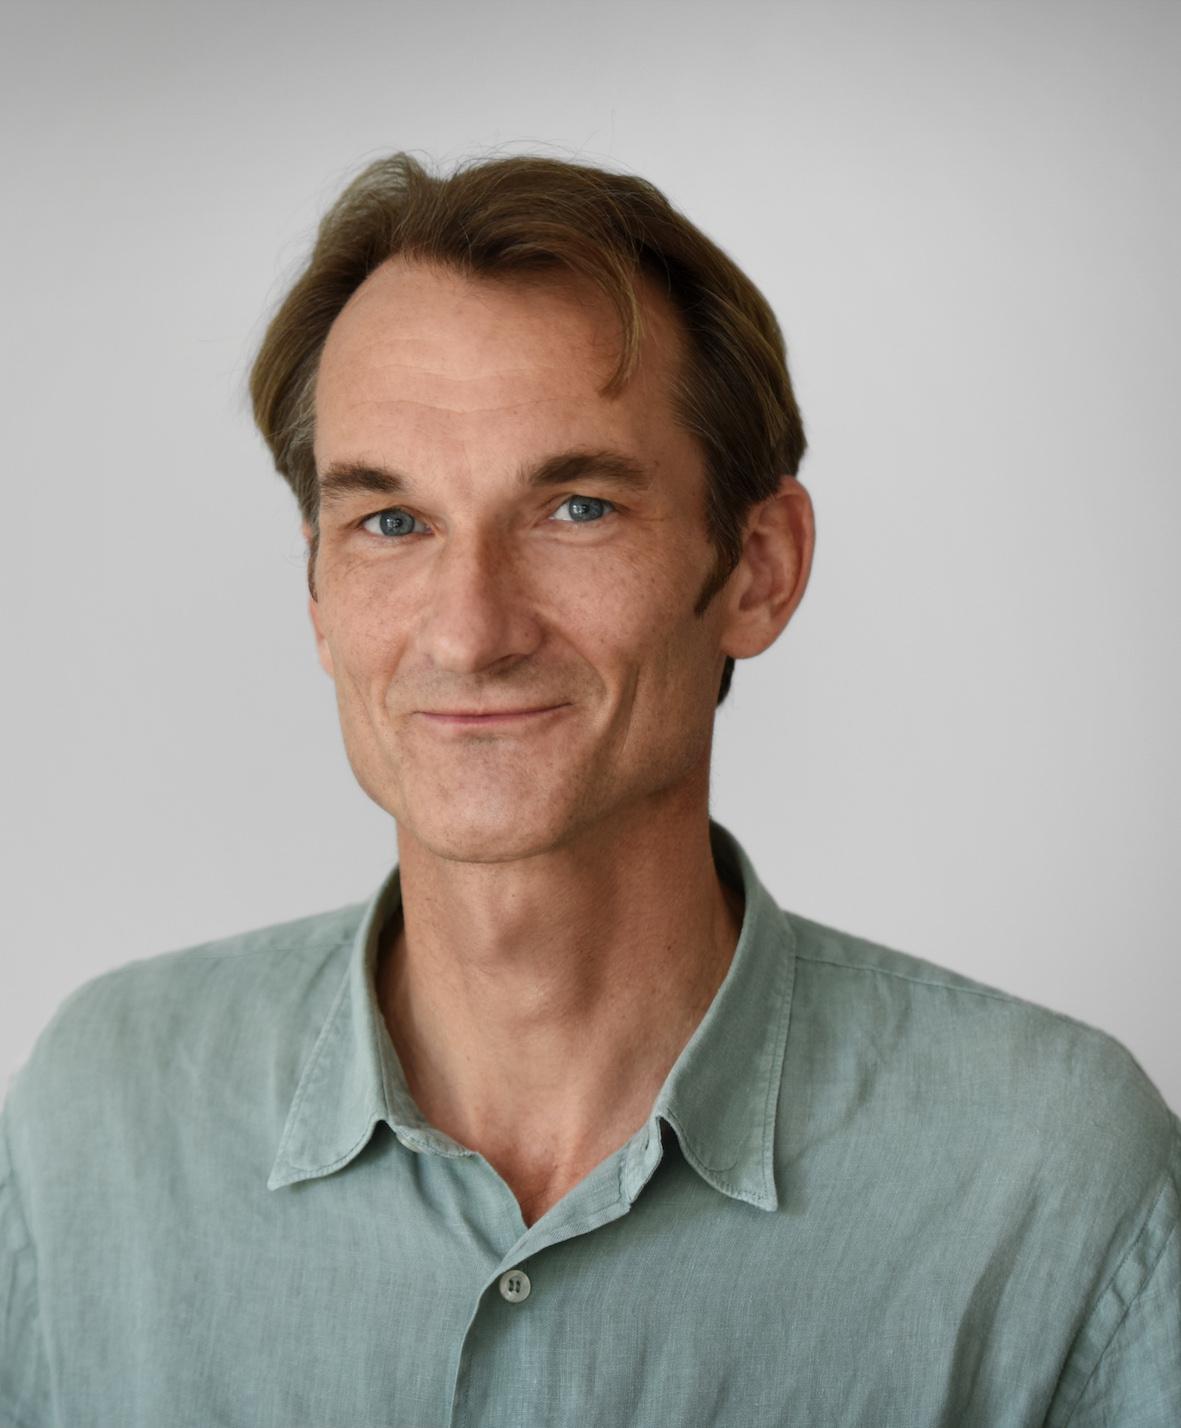 Dr. Karl Grunow